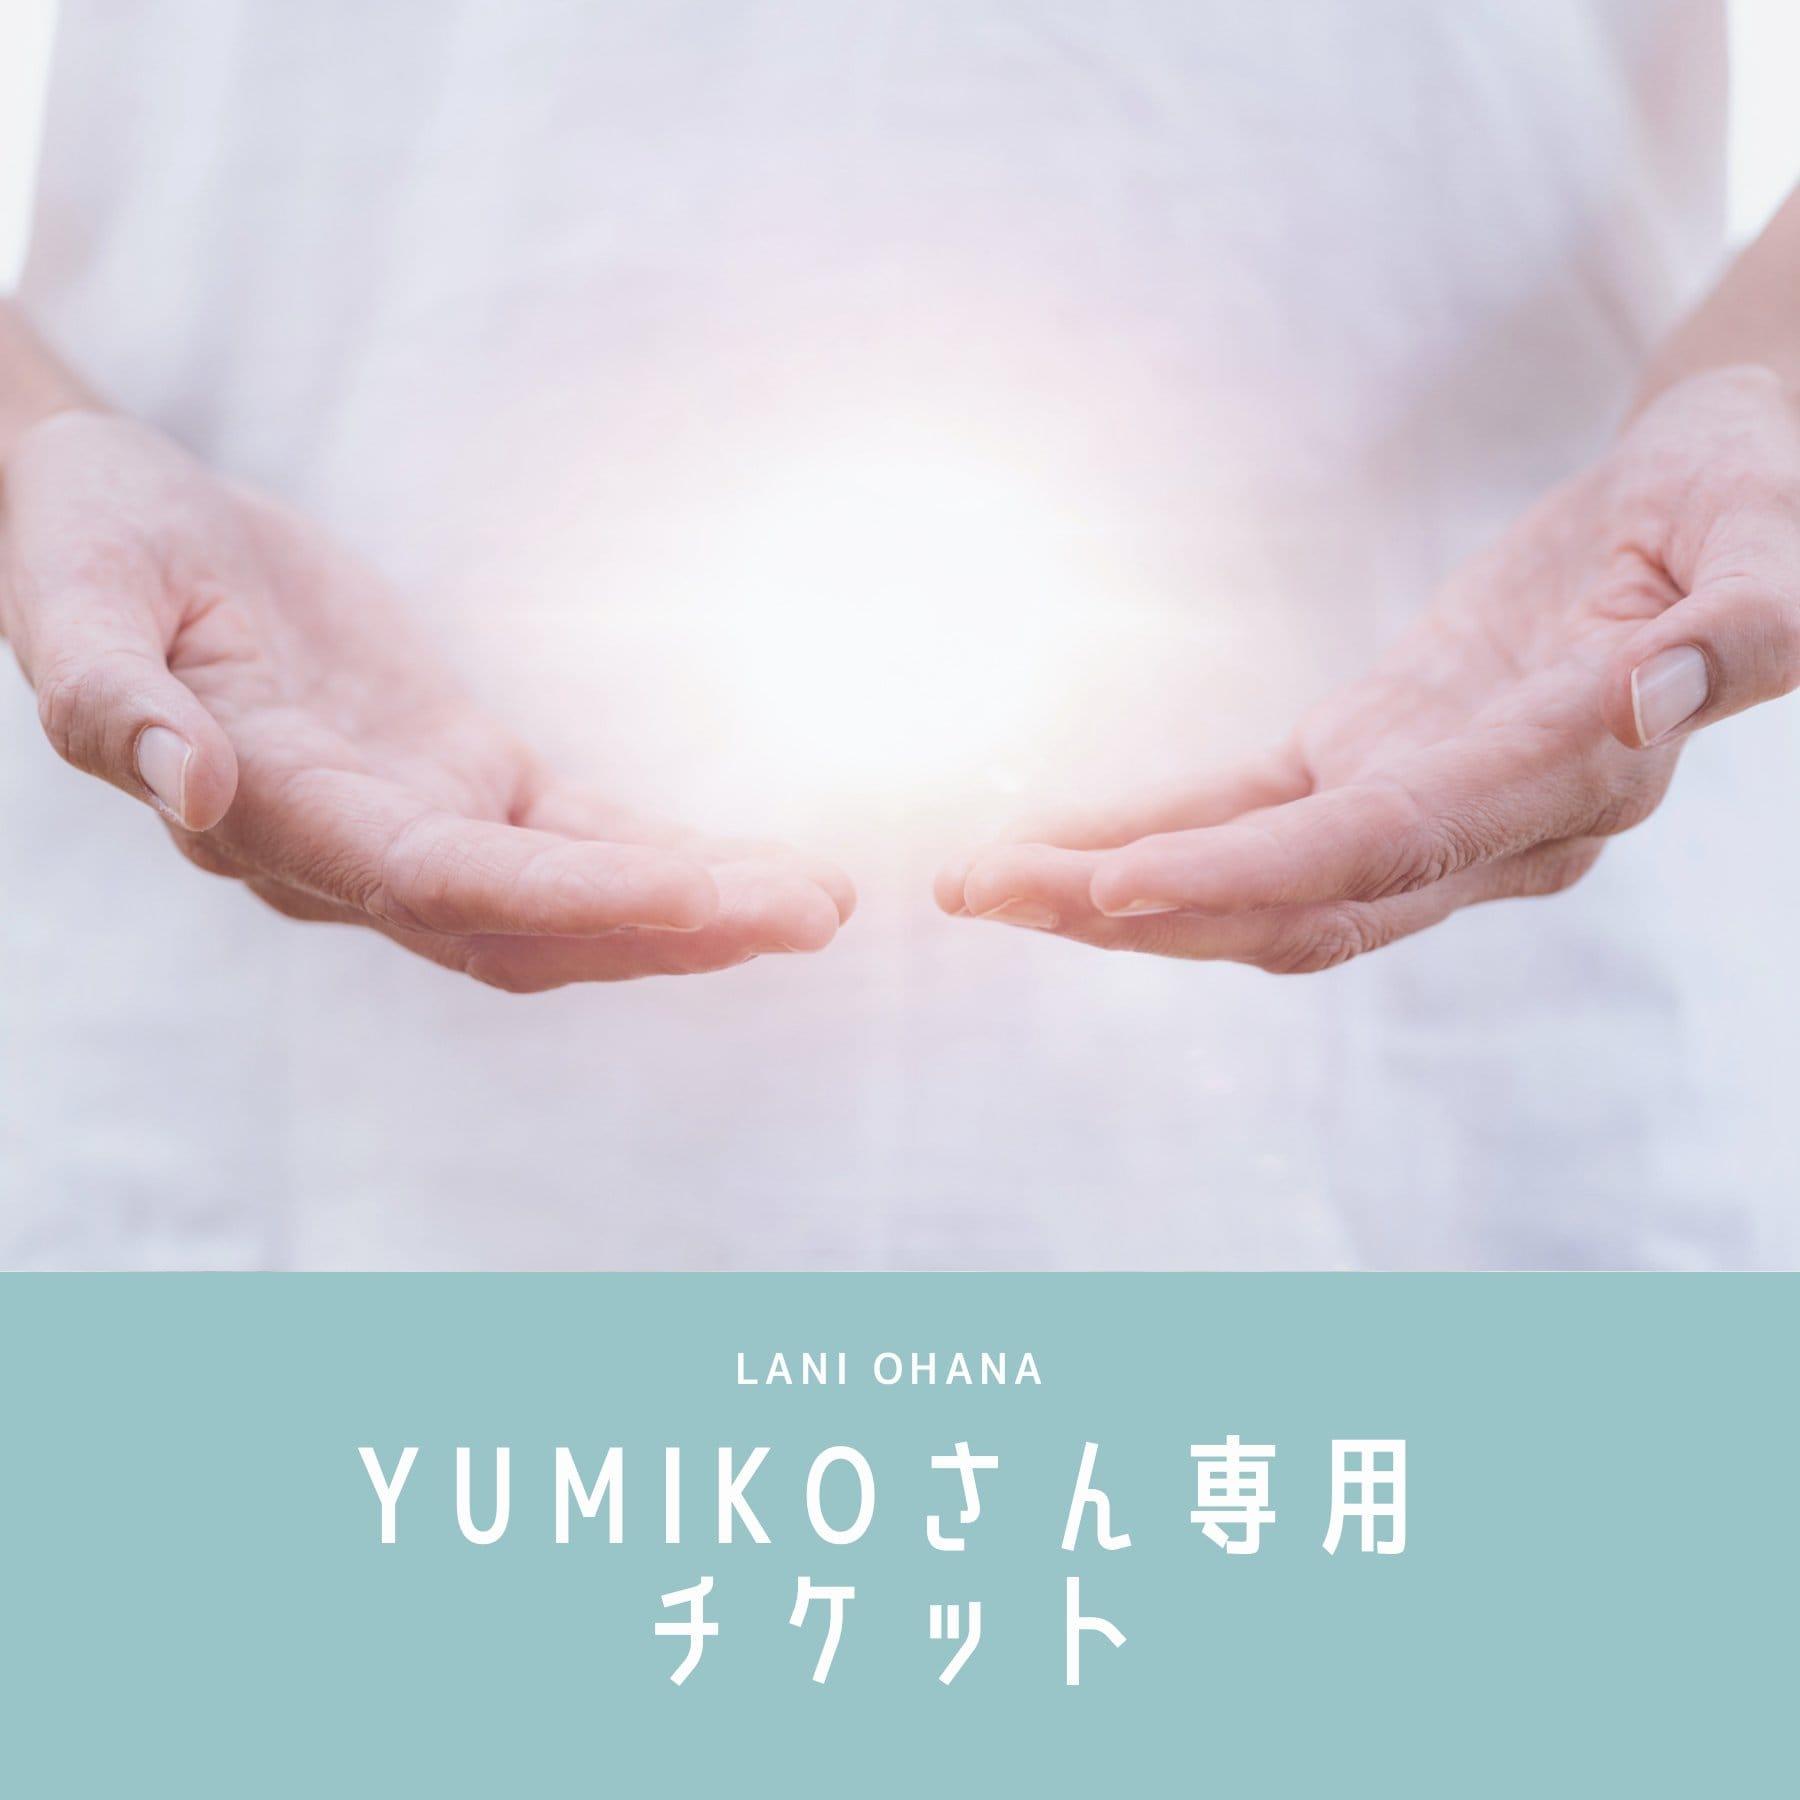 【yumikoさん専用】ファースト&セカンド&サードのイメージその1